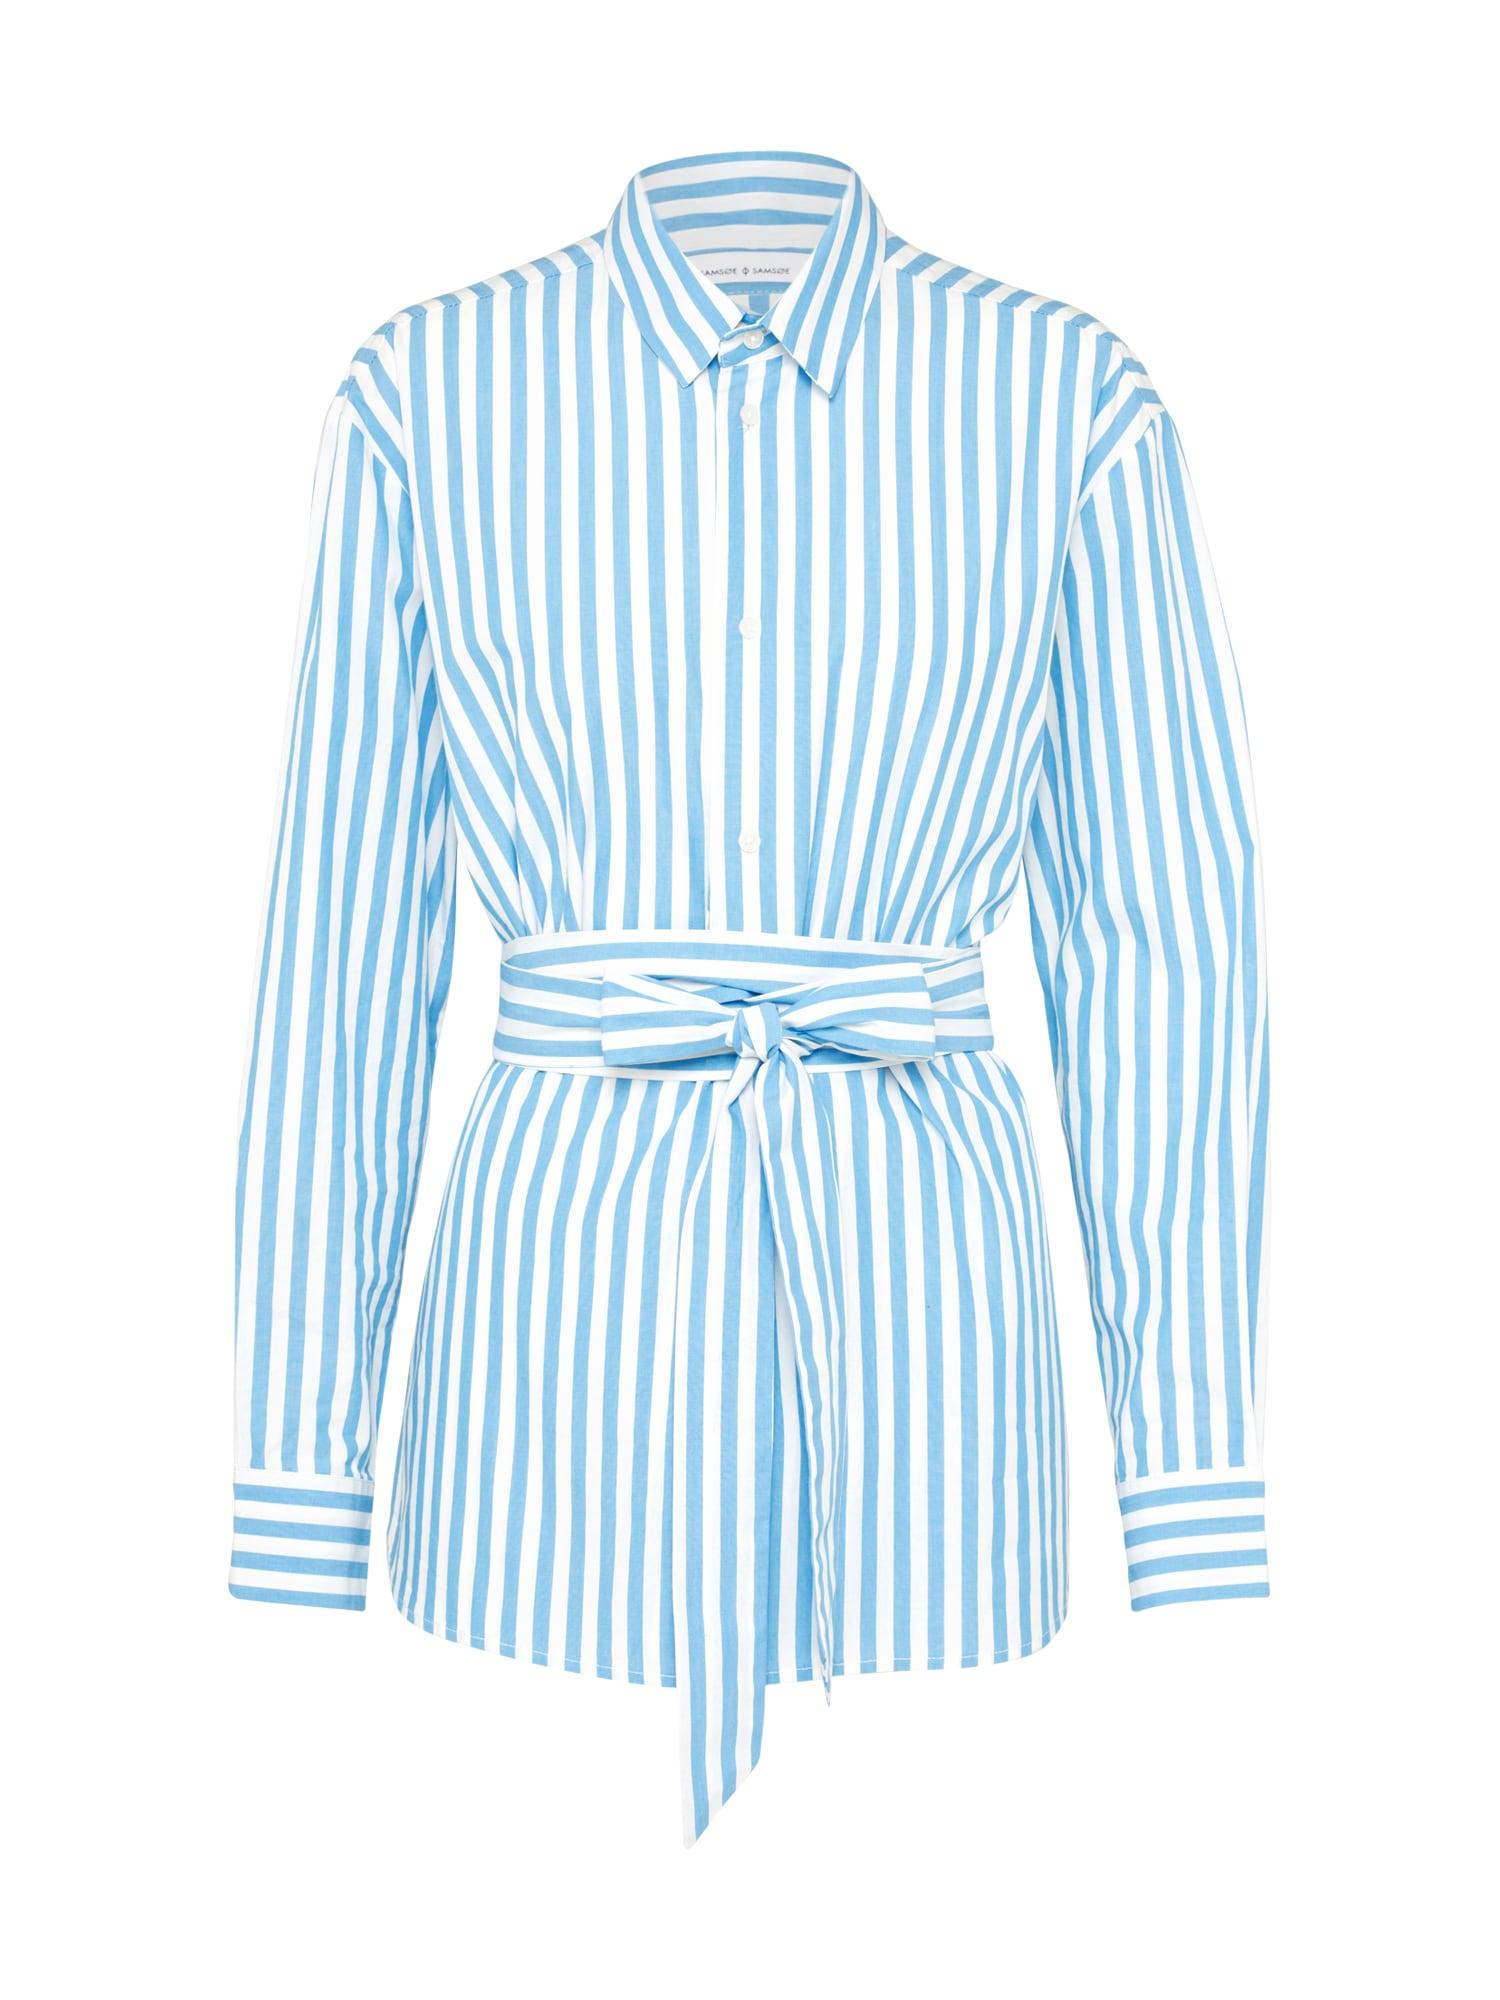 Halenka Dayne shirt 8321 modrá bílá Samsoe & Samsoe